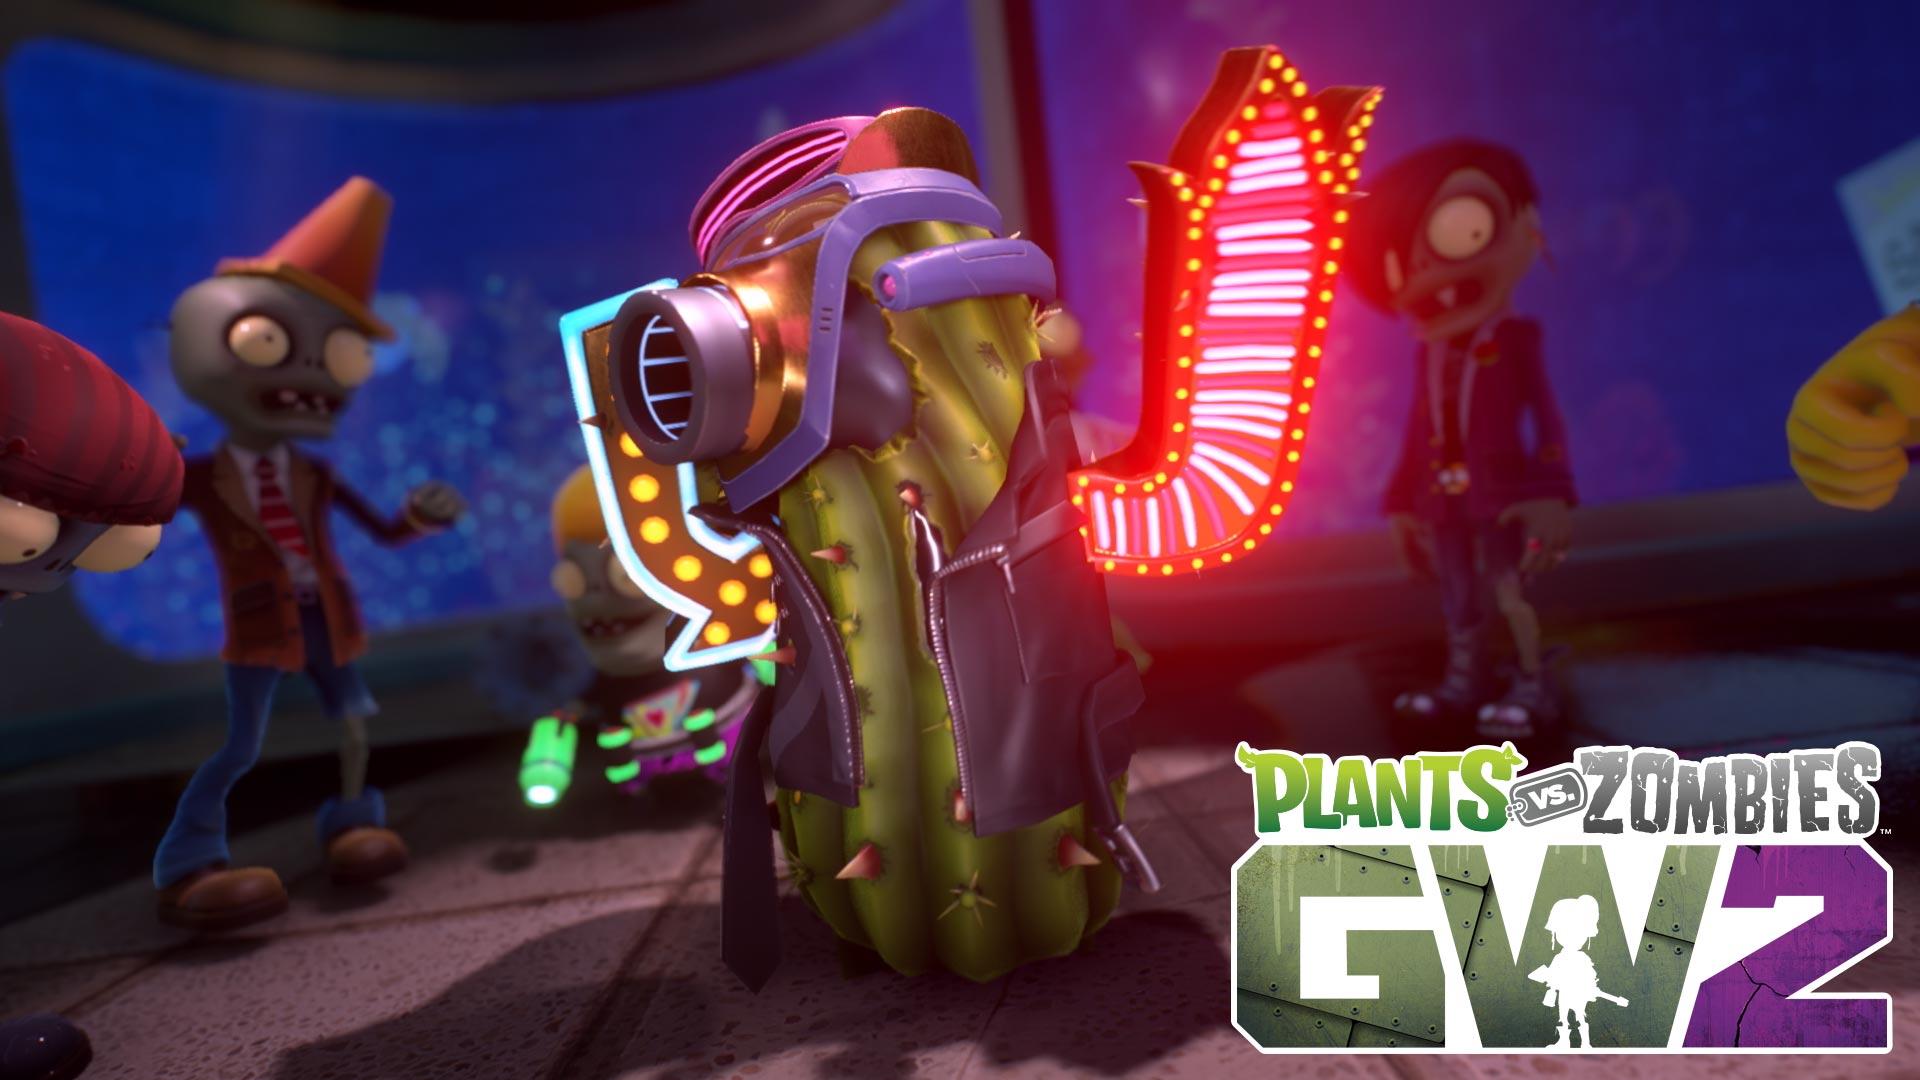 Plants Vs Zombies Garden Warfare 2 Archive Game News Spiele Videos F R Mac Pc Und Konsolen